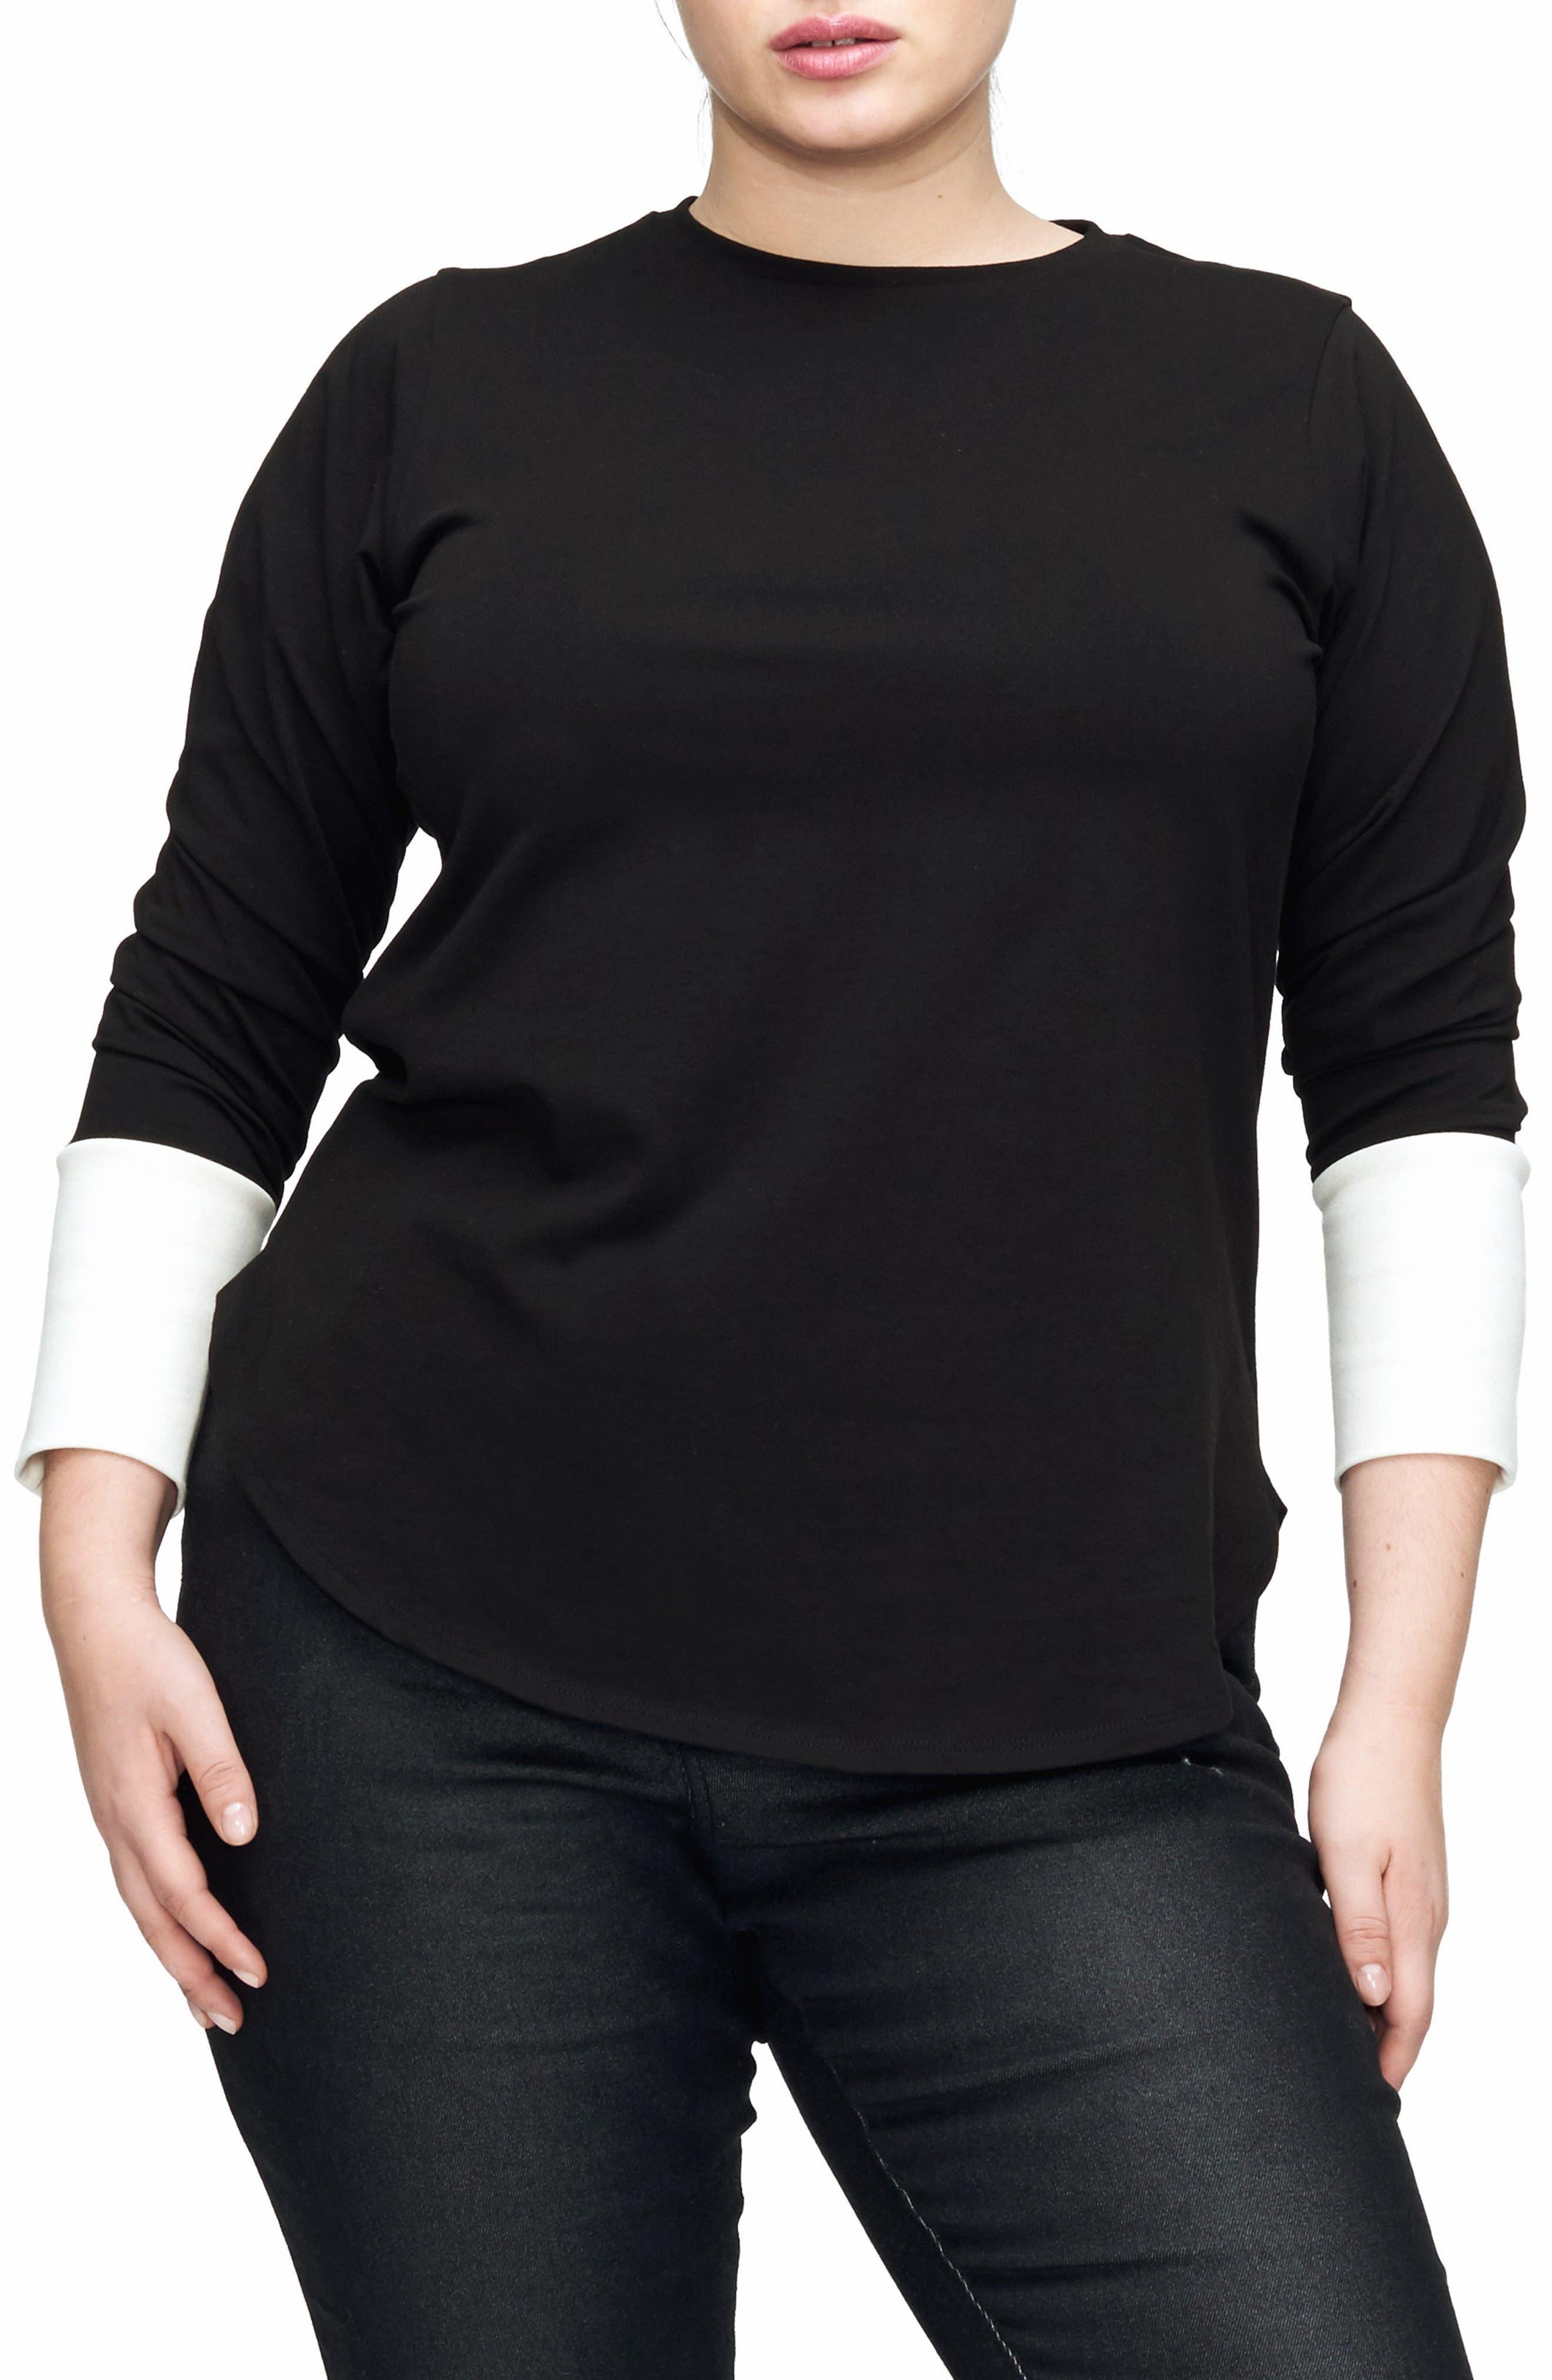 Rhine Colorblock Cuff Top,                         Main,                         color, BLACK/ WHITE